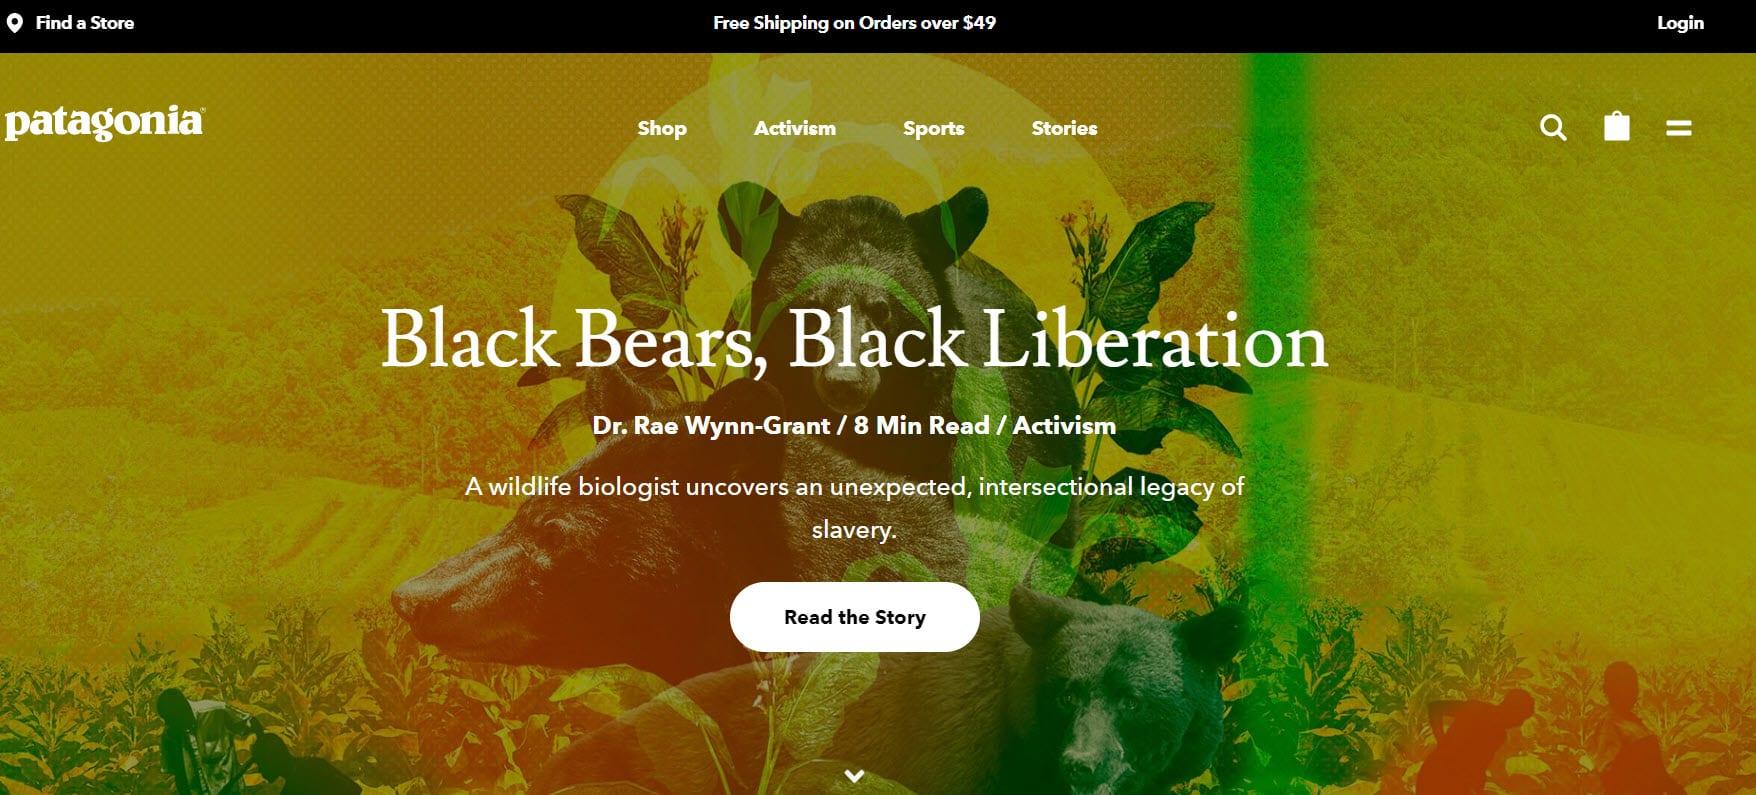 Patagonia website header